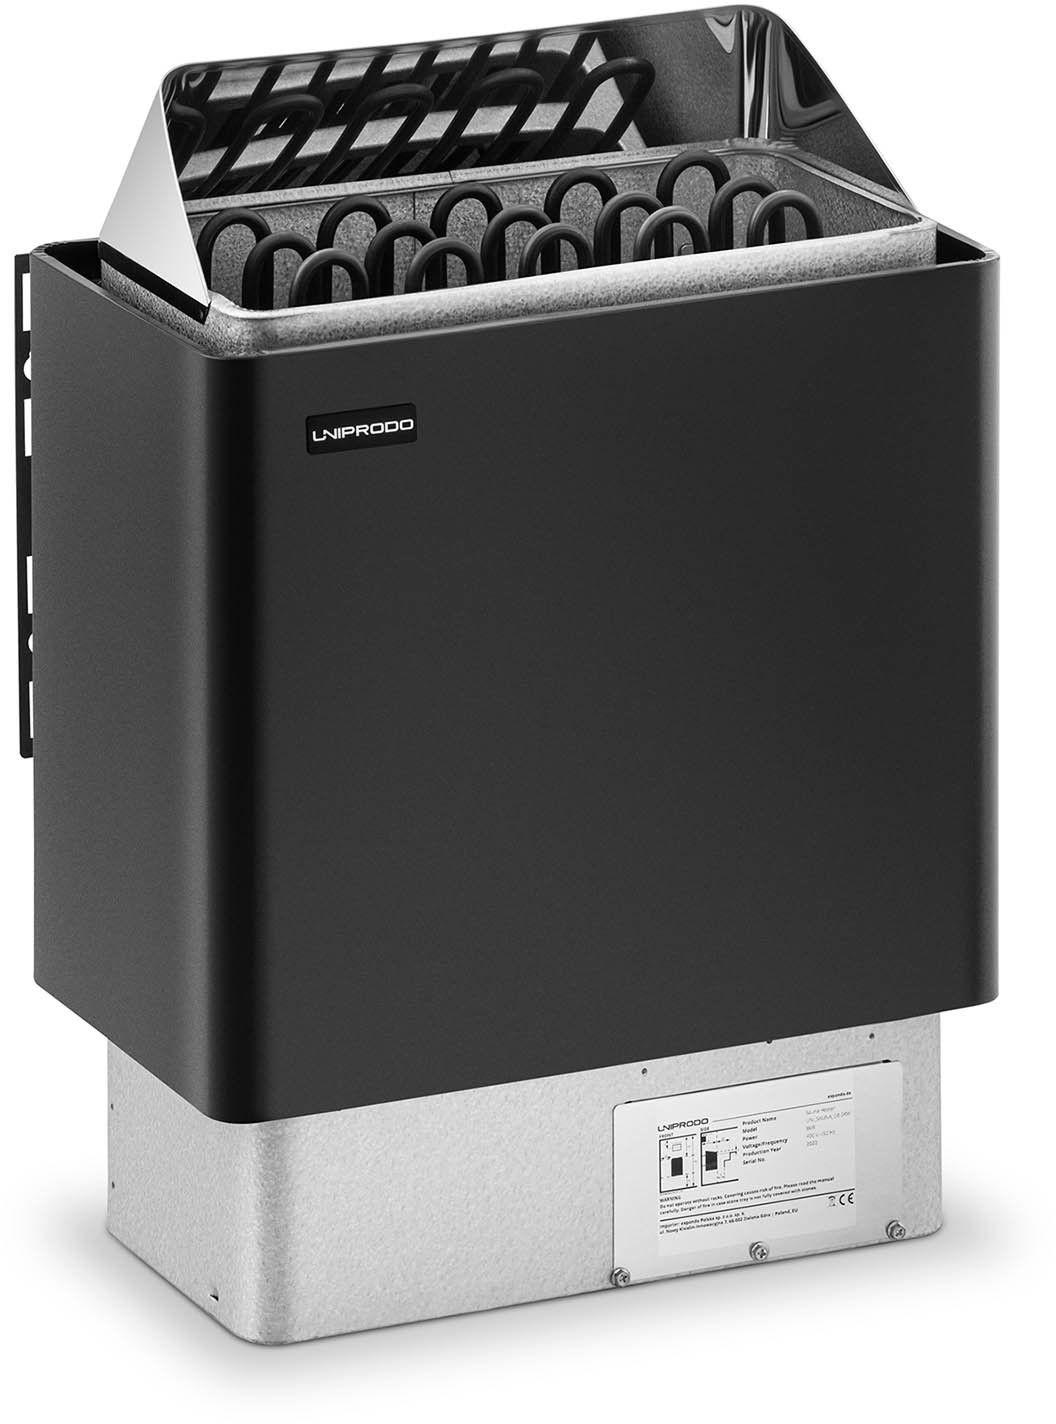 Piec do sauny - elektryczny - 8 kW - Uniprodo - UNI_SAUNA_G8.0KW - 3 lata gwarancji/wysyłka w 24h